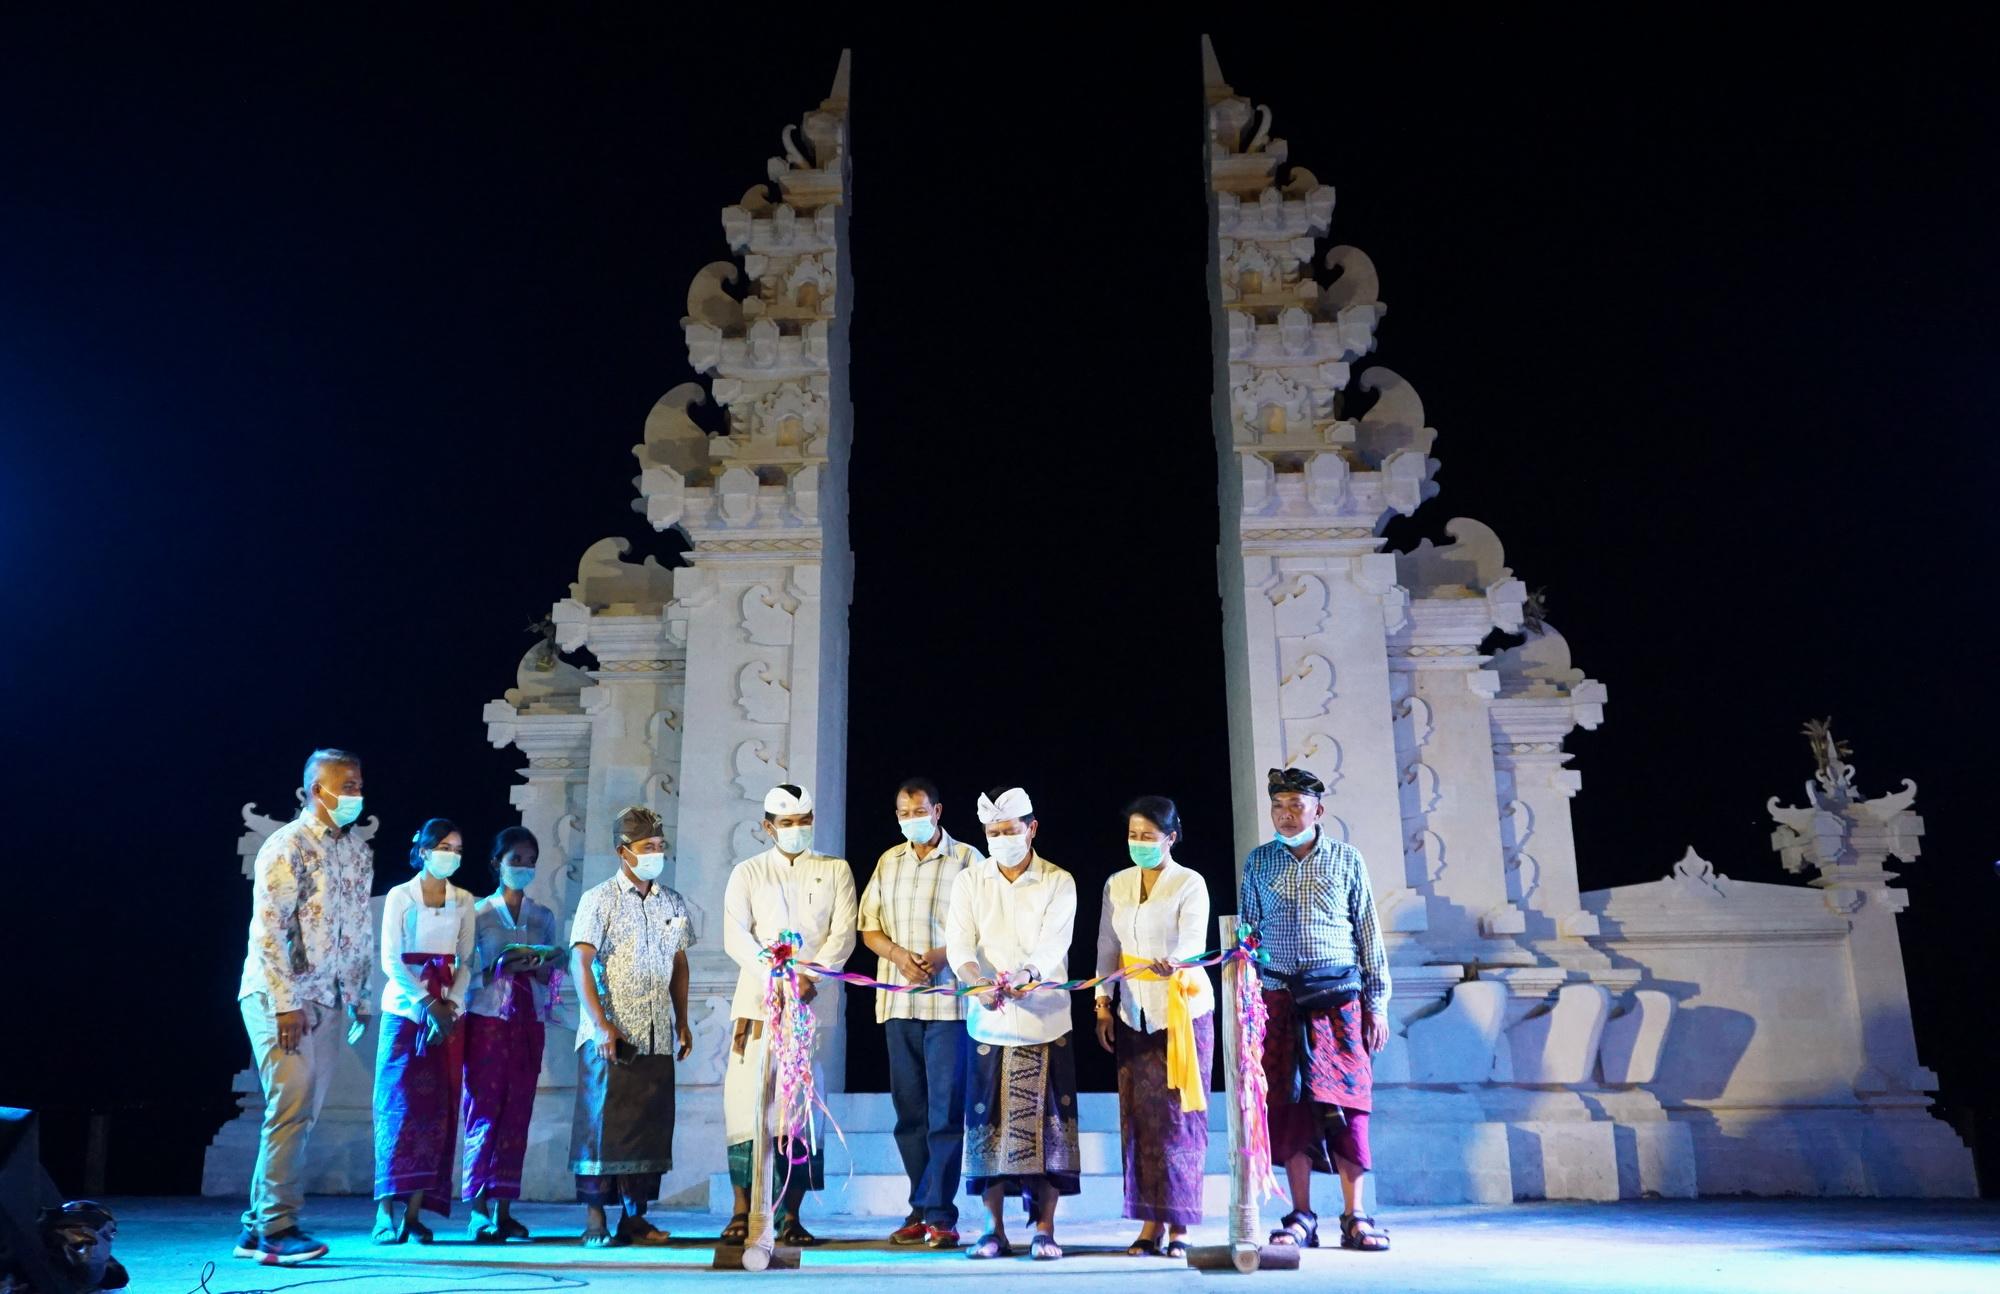 BUPATI Suwirta menghadiri pembukaan destinasi wisata di Desa Sakti, Kecamatan Nusa Penida, Rabu (16/12/2020) malam. Foto: ist